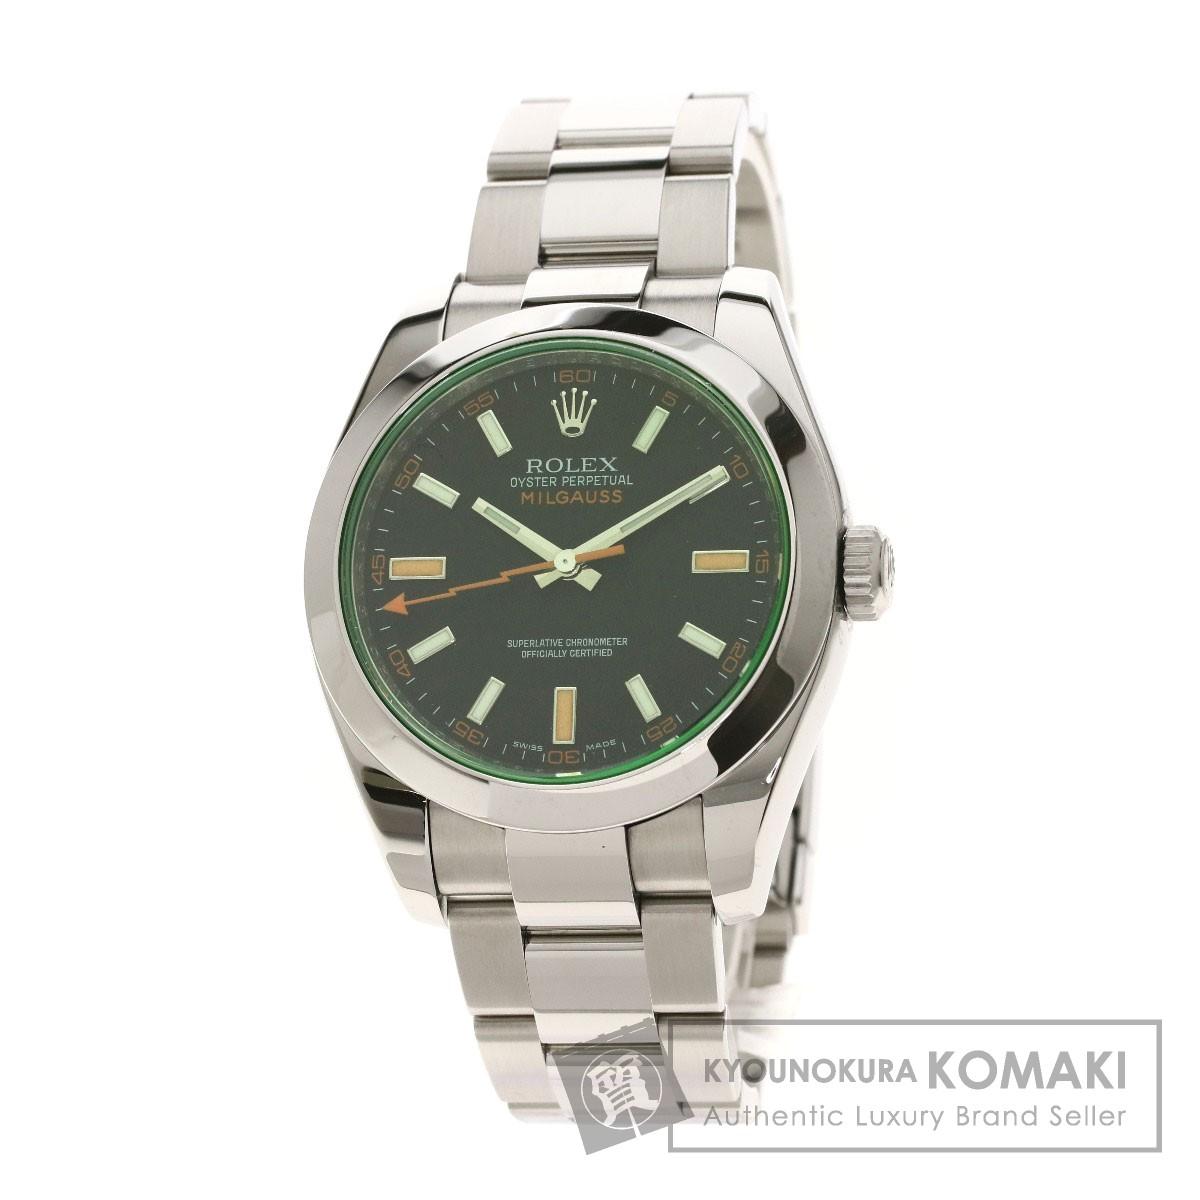 ロレックス 116400GV ミルガウス 腕時計 ステンレススチール メンズ 【中古】【ROLEX】